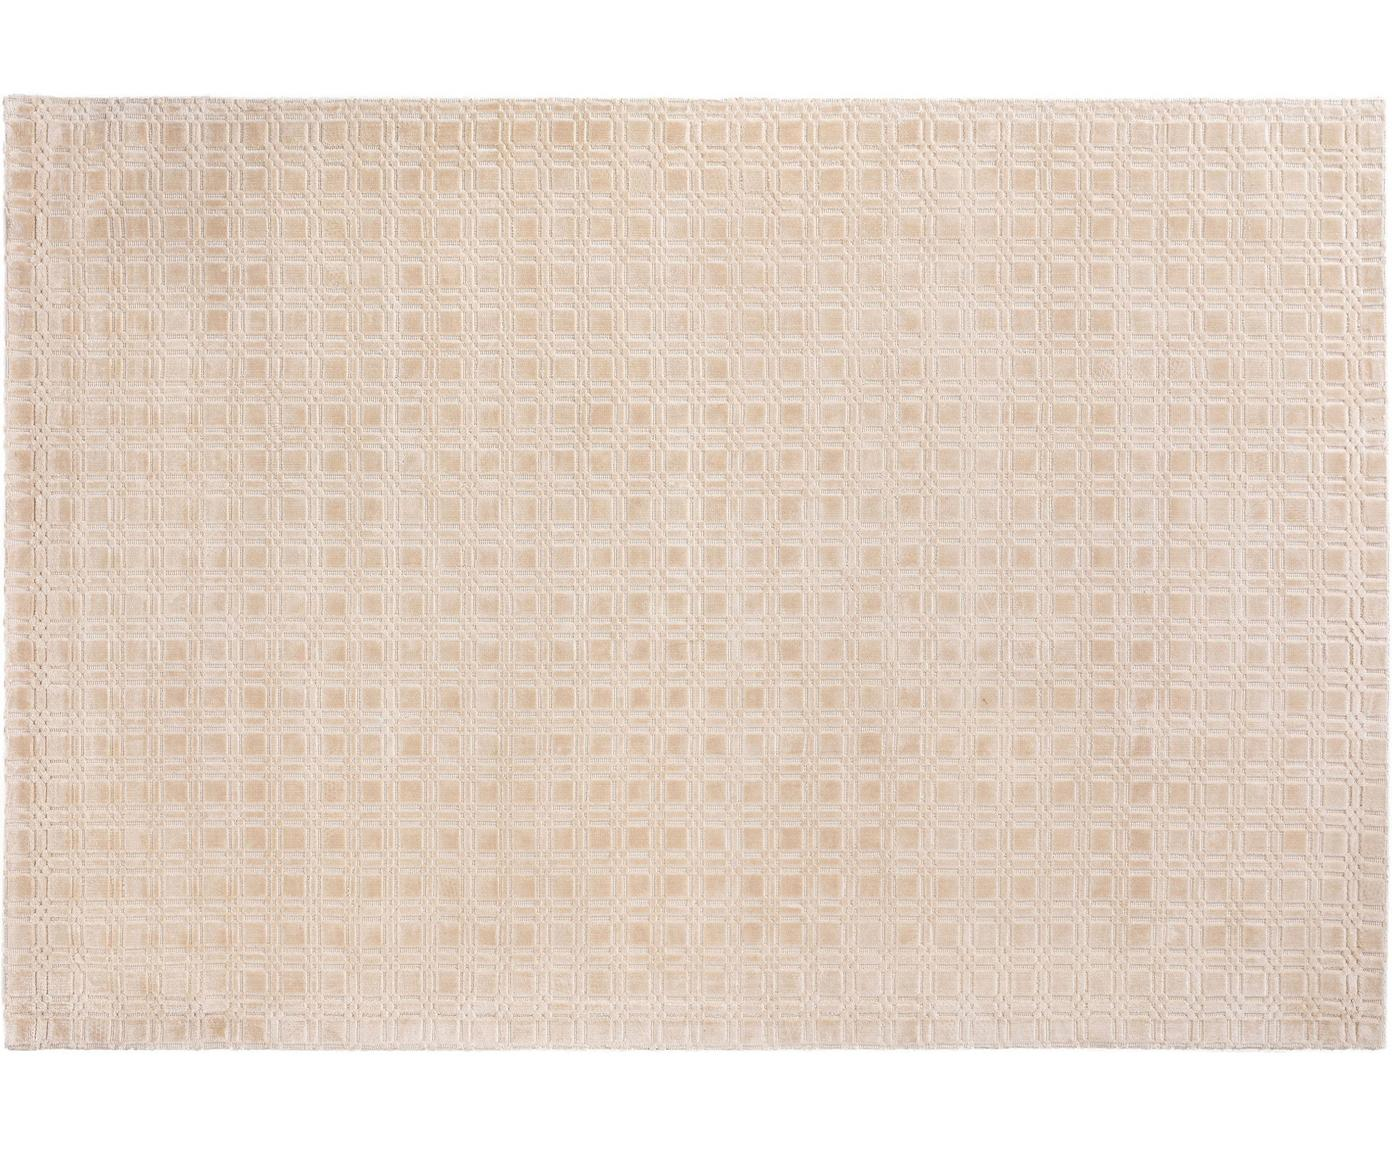 Alfombra de viscosa artesanal Nelson, Viscosa, Crema, An 140 x L 200 cm (Tamaño S)